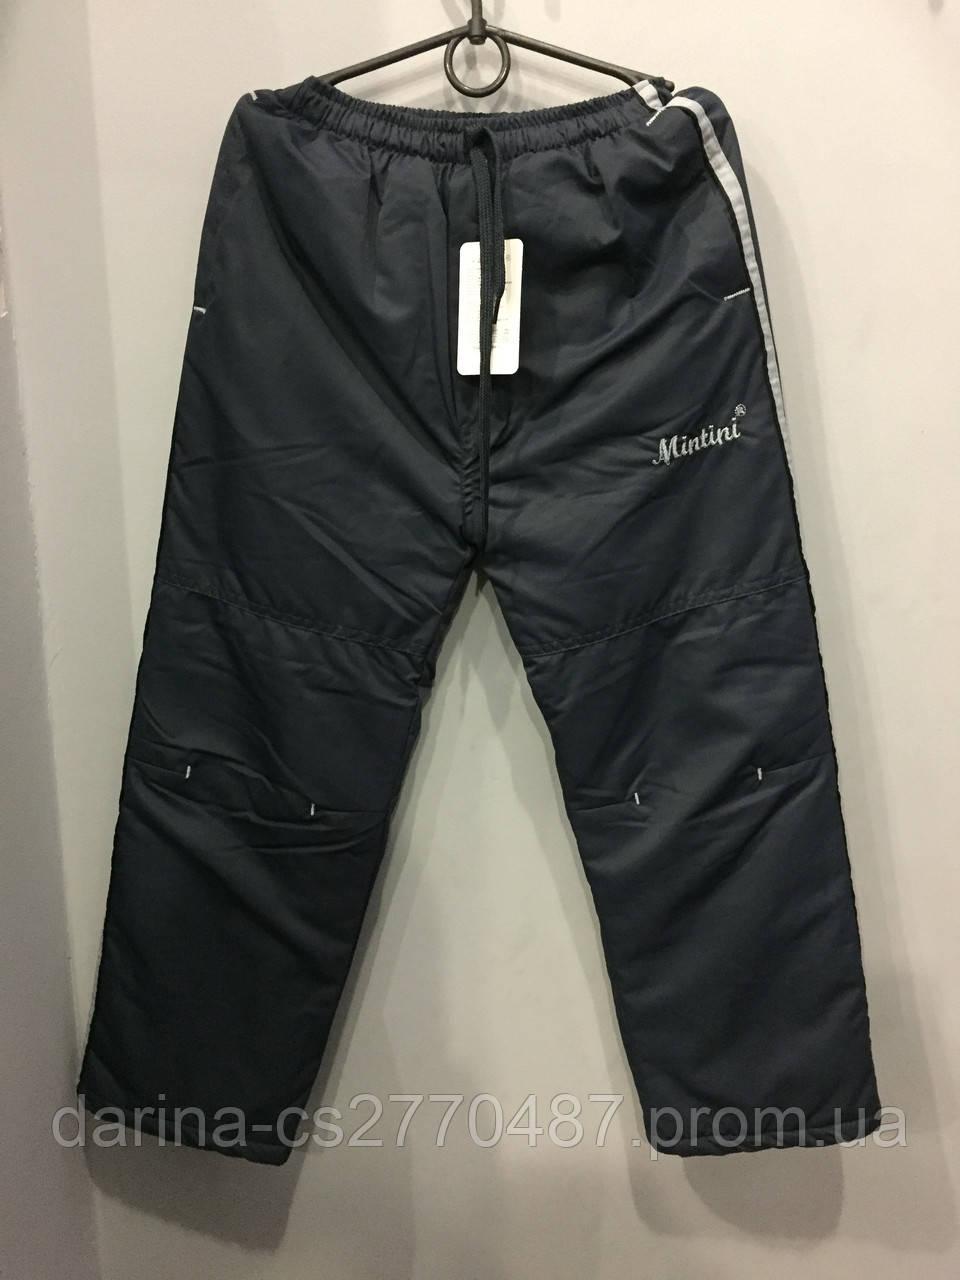 Подростковые штаны на флисе для мальчика